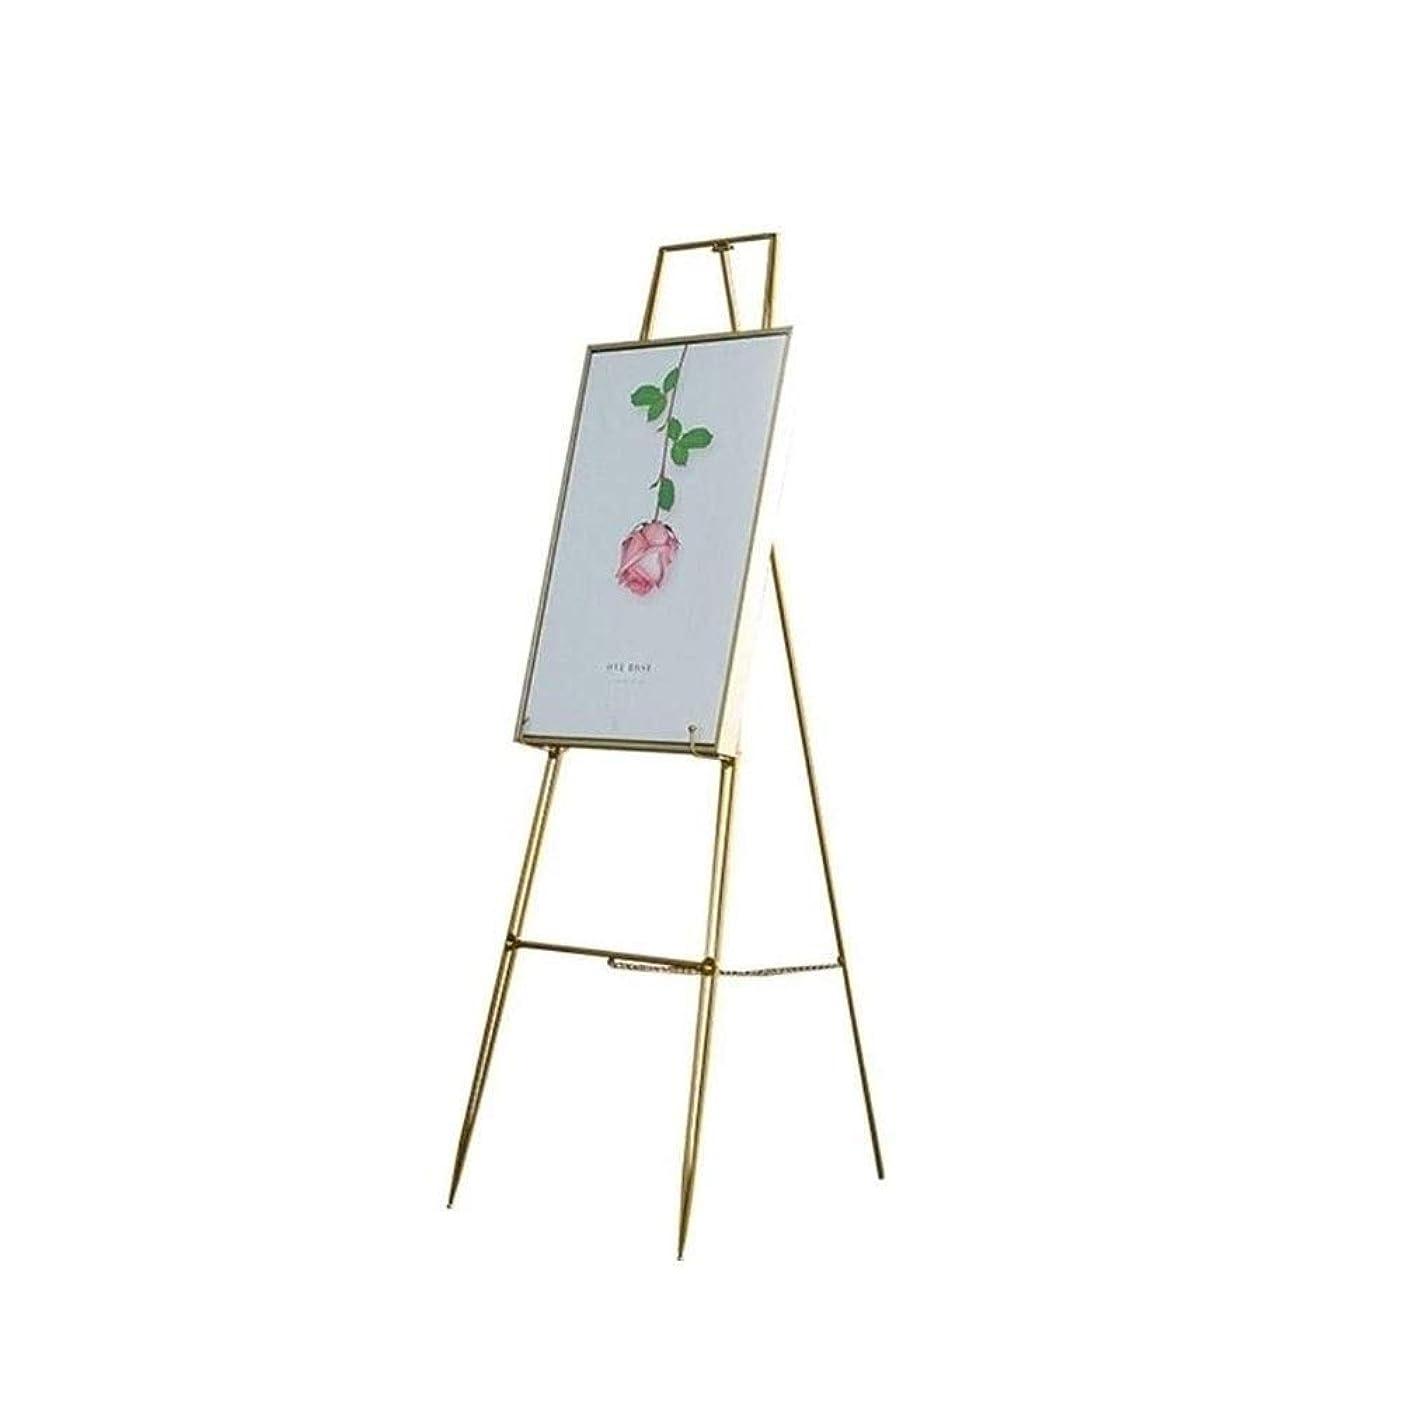 ブレークグループテクニカル三脚オフィス装飾アイアンアートイーゼル絵画双眼ディスプレイスタンド学生ギャラリーアート絵画 M-20-4-24